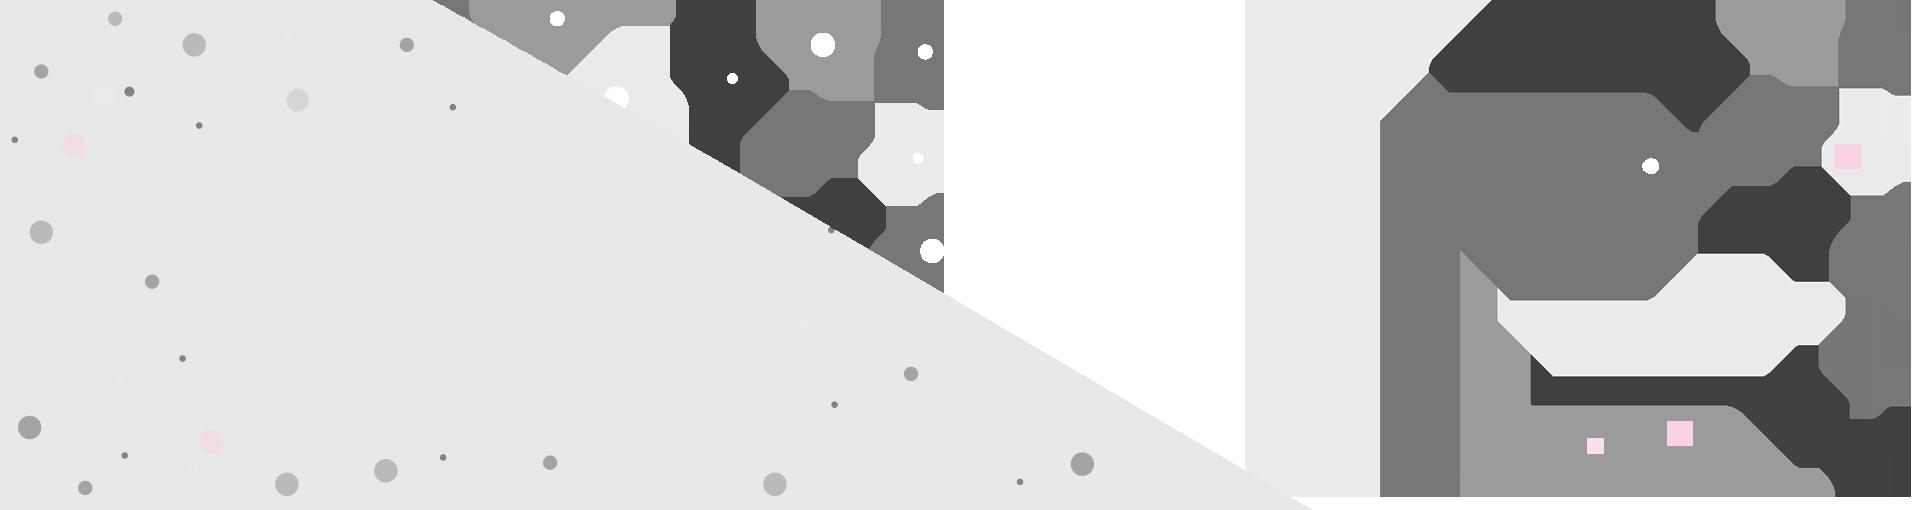 3-uv-bg